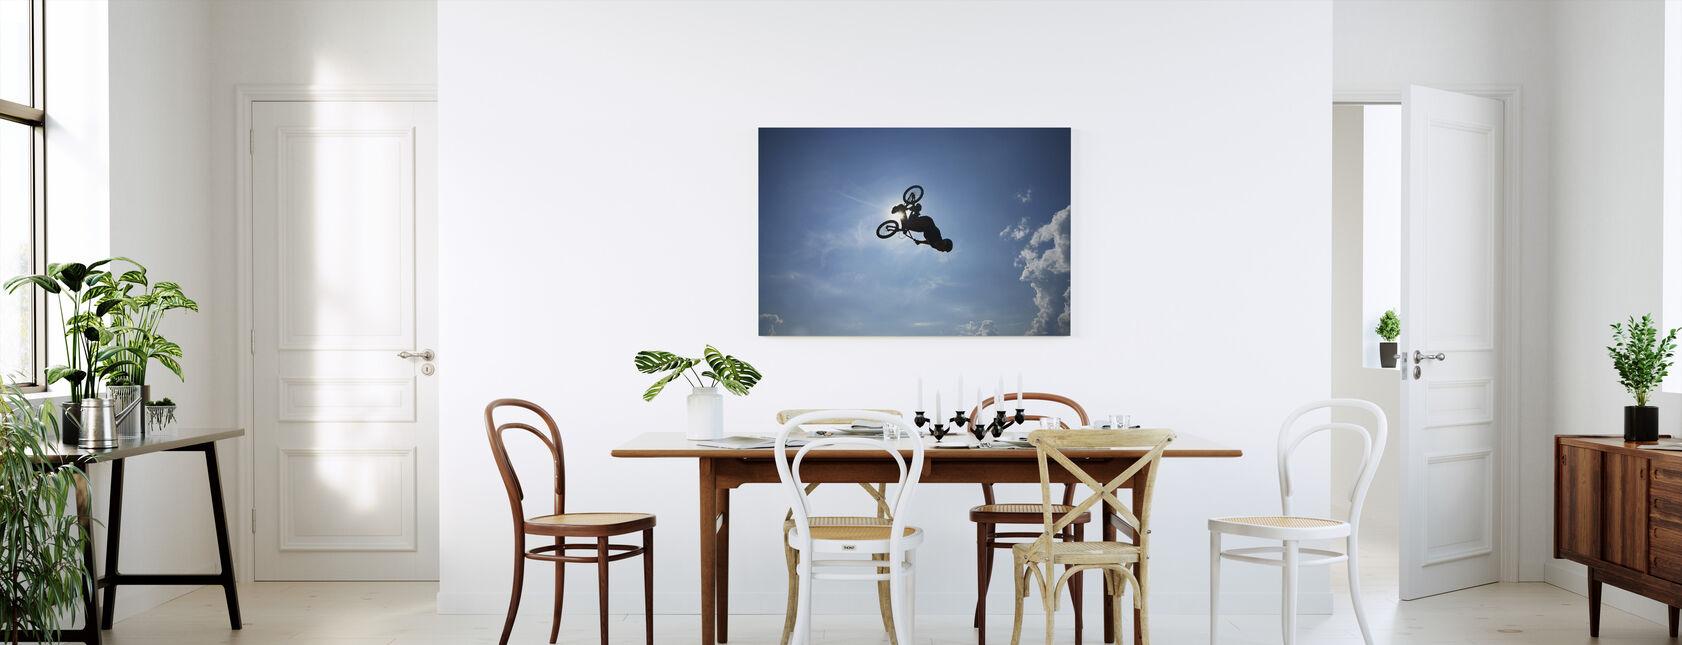 BMX Backflip - Canvas print - Kitchen